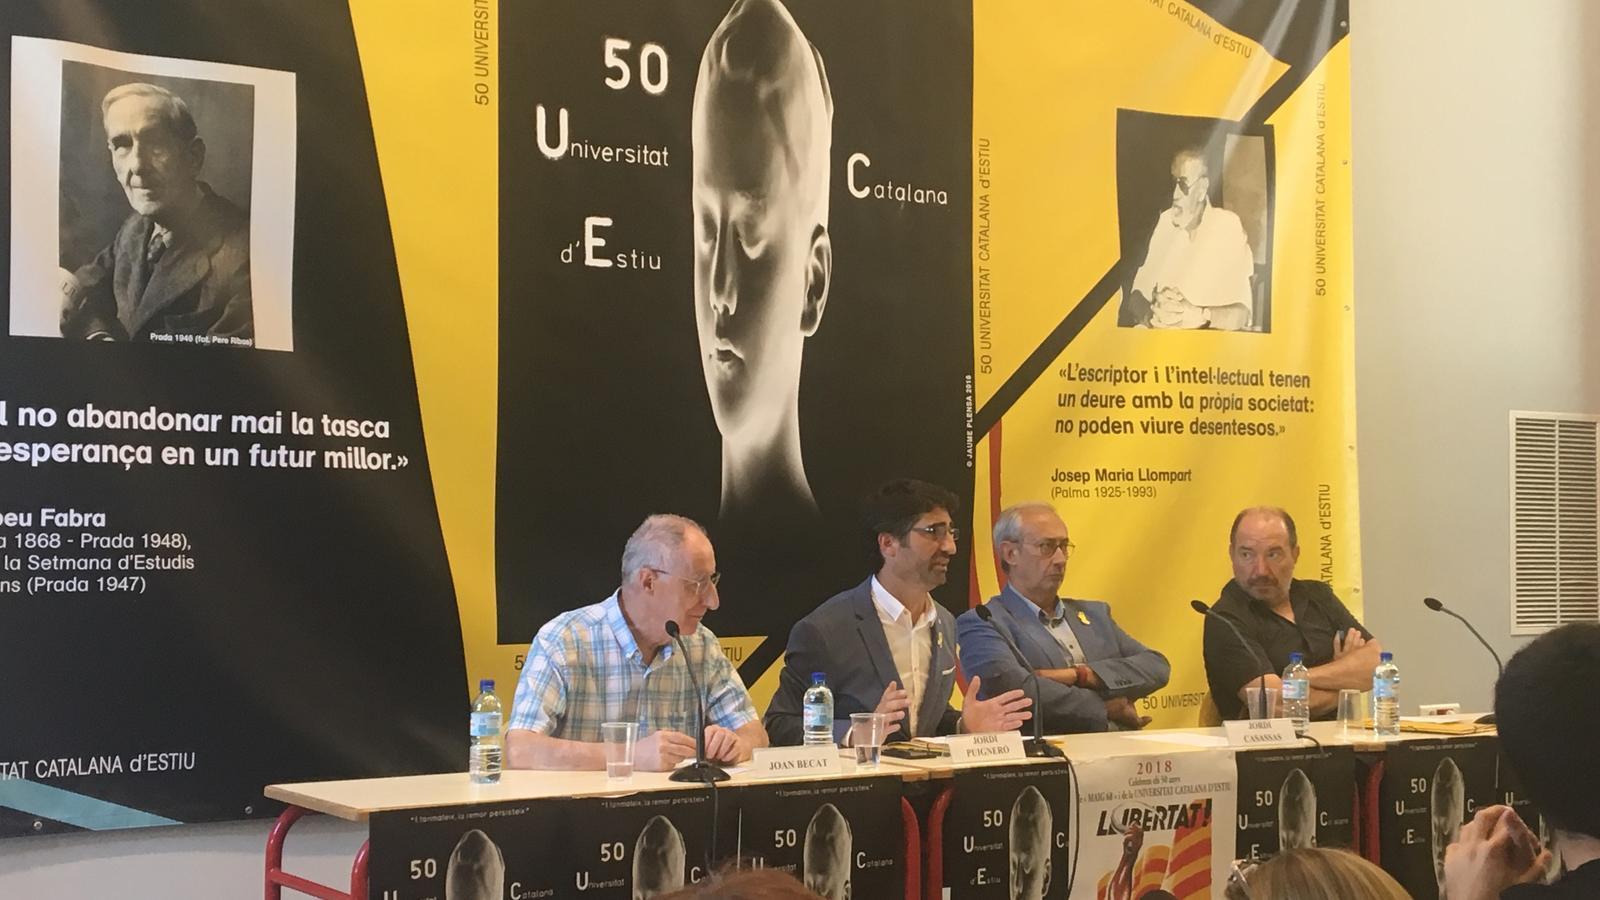 El conseller de Polítiques Digitals i Administració Pública, Jordi Puigneró, durant l'acte a la Universitat Catalana d'Estiu